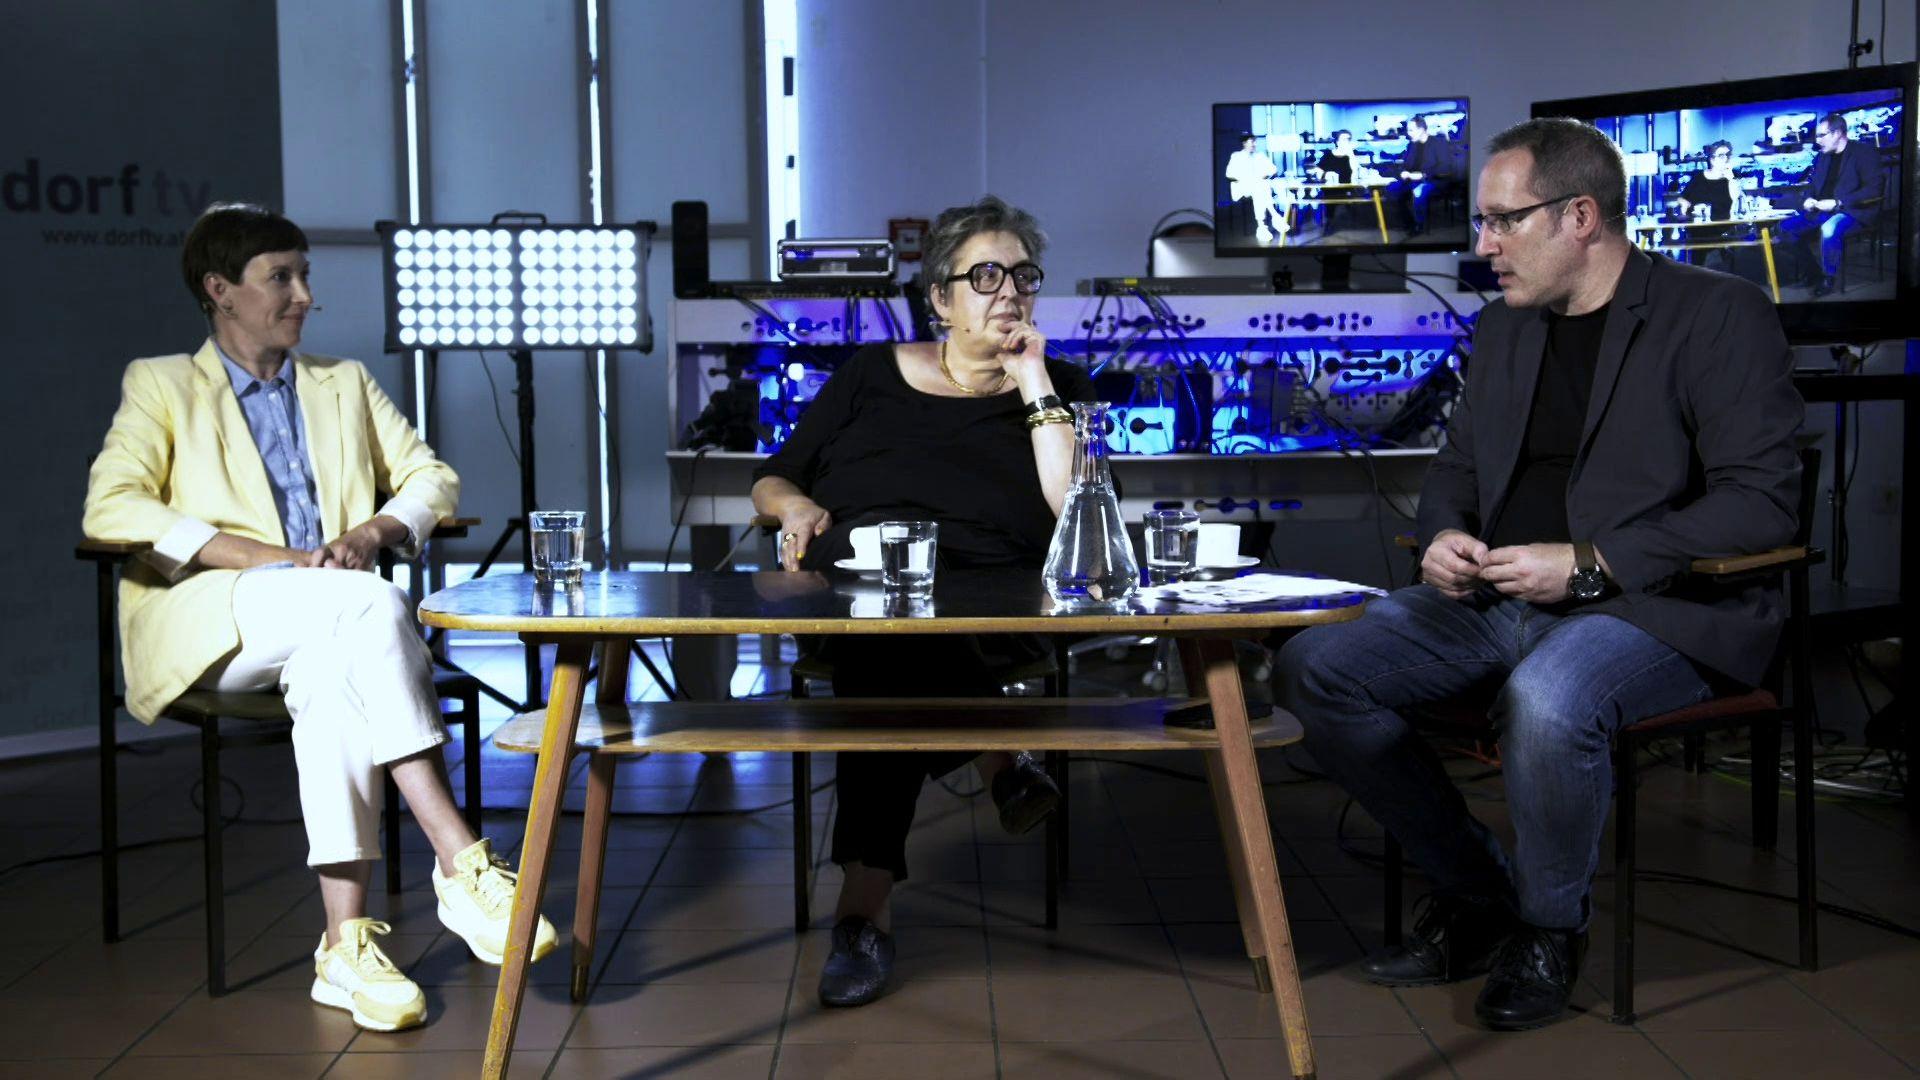 Mediale Vielfalt, vielfältige Medien – was hat die Politik dafür zu tun?